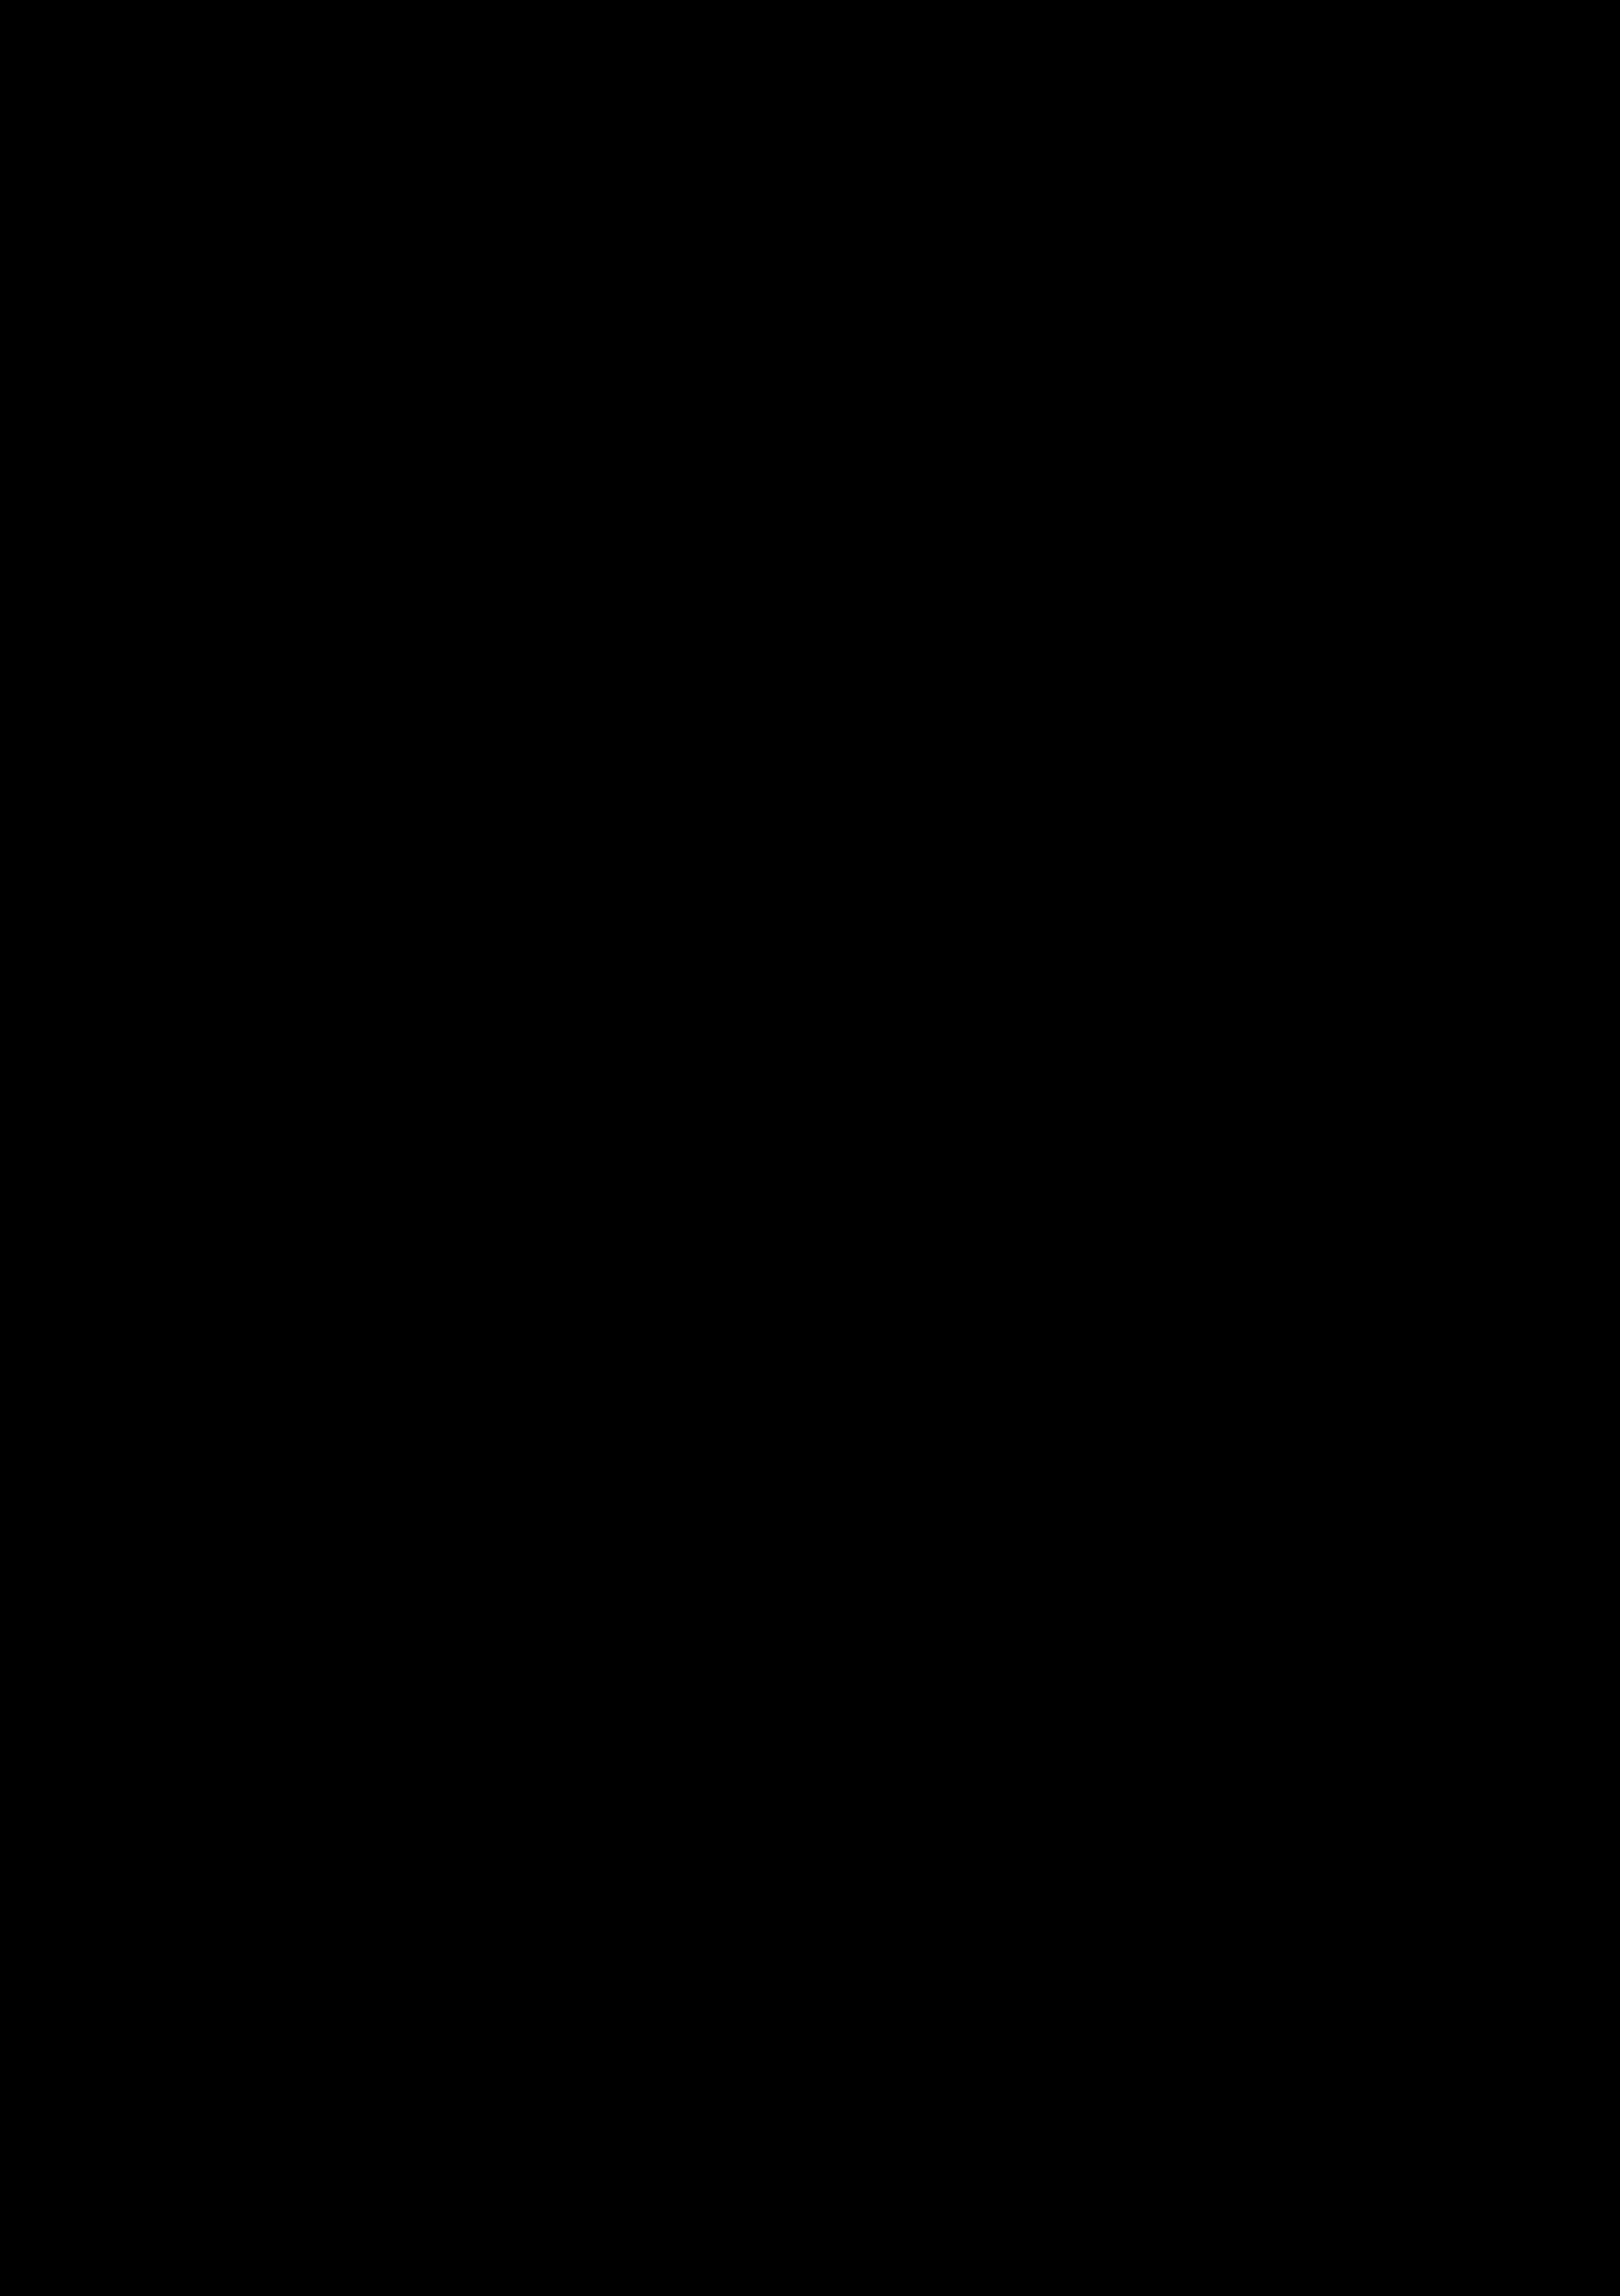 Meister fuer Rohr-, Kanal und Industrieservice - Urkunde